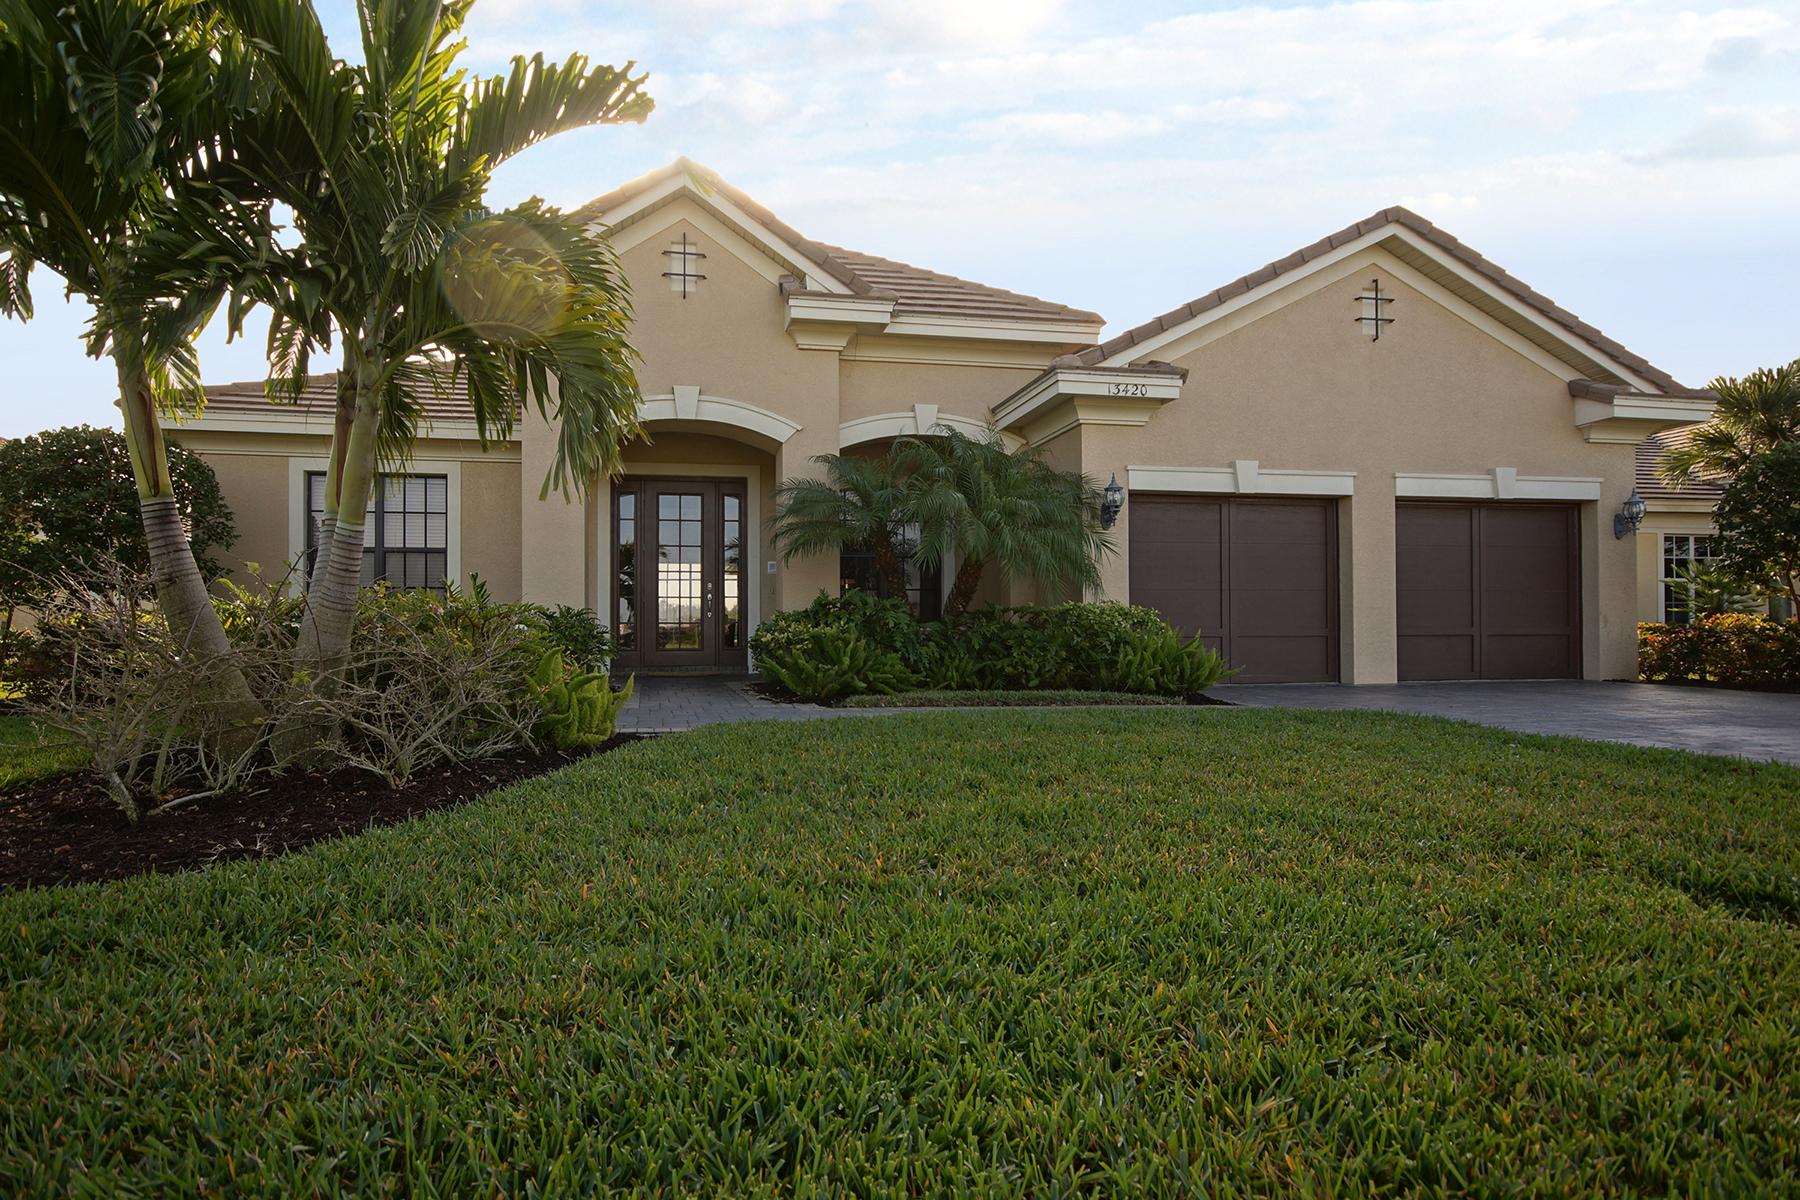 Maison unifamiliale pour l Vente à PALMETTO GROVE - VERANDAH 13420 Palmetto Grove Dr Fort Myers, Florida 33905 États-Unis